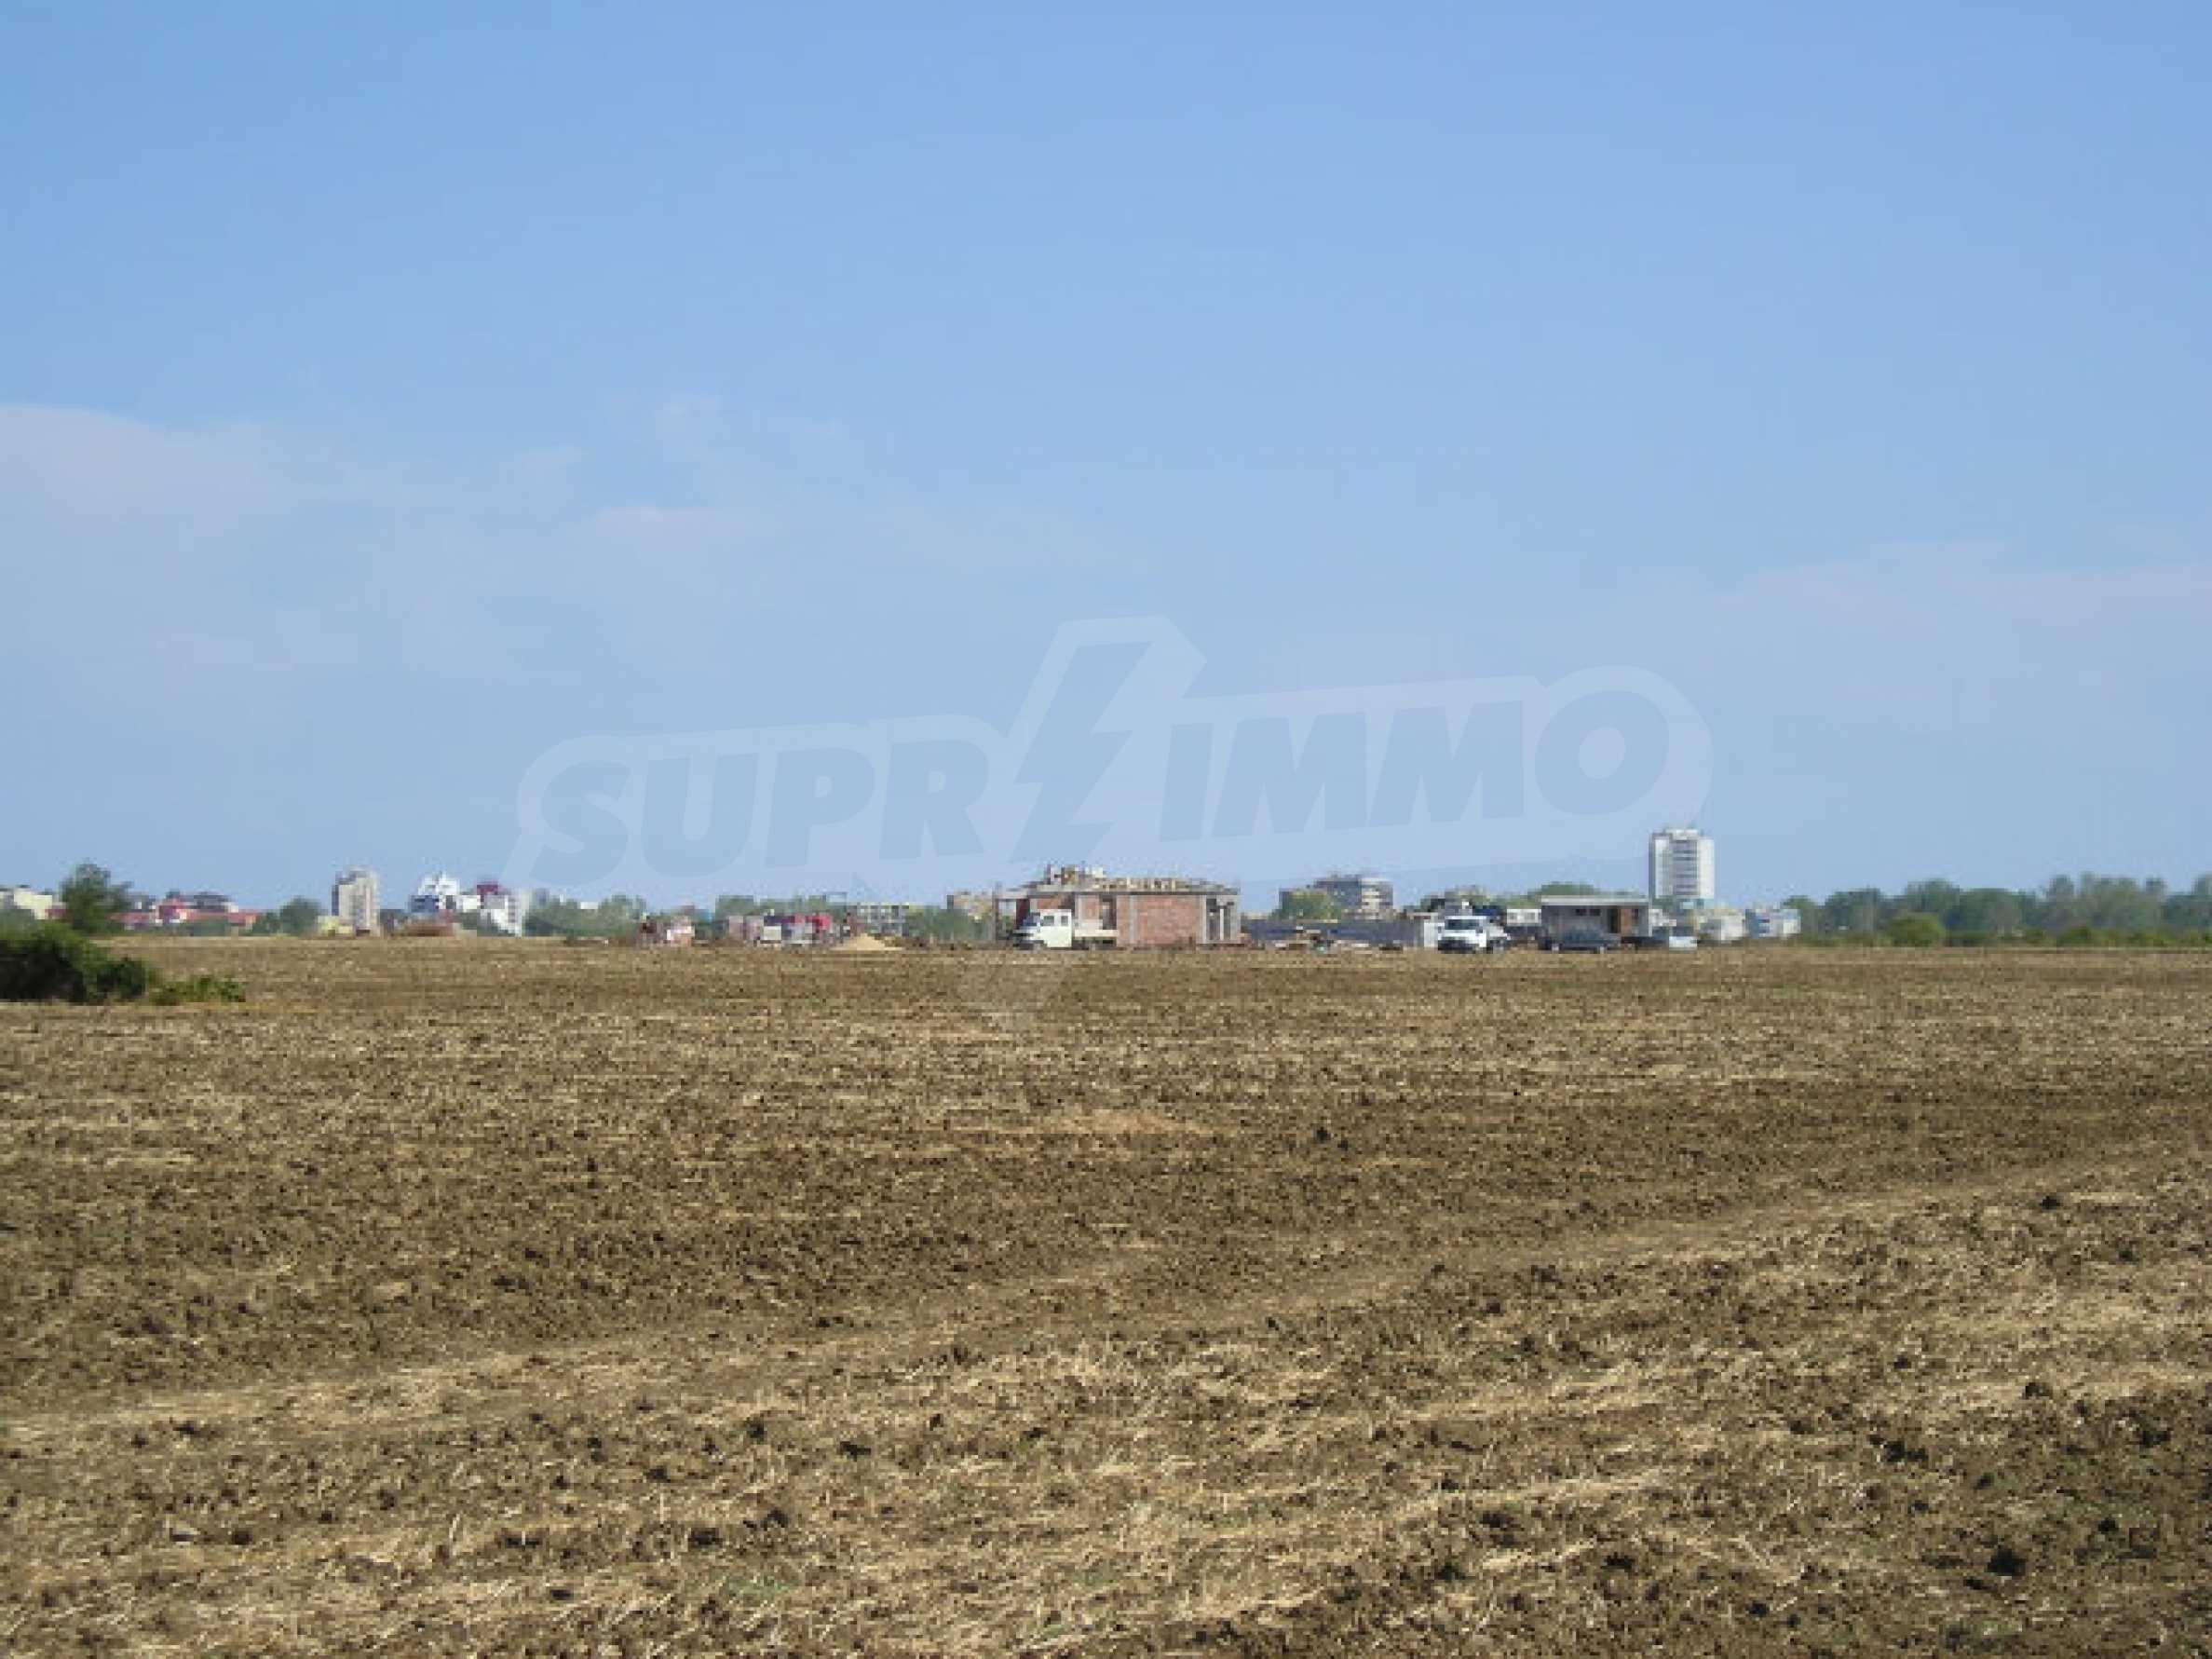 Bauland zum Verkauf in der Nähe von Sonnenstrand 6